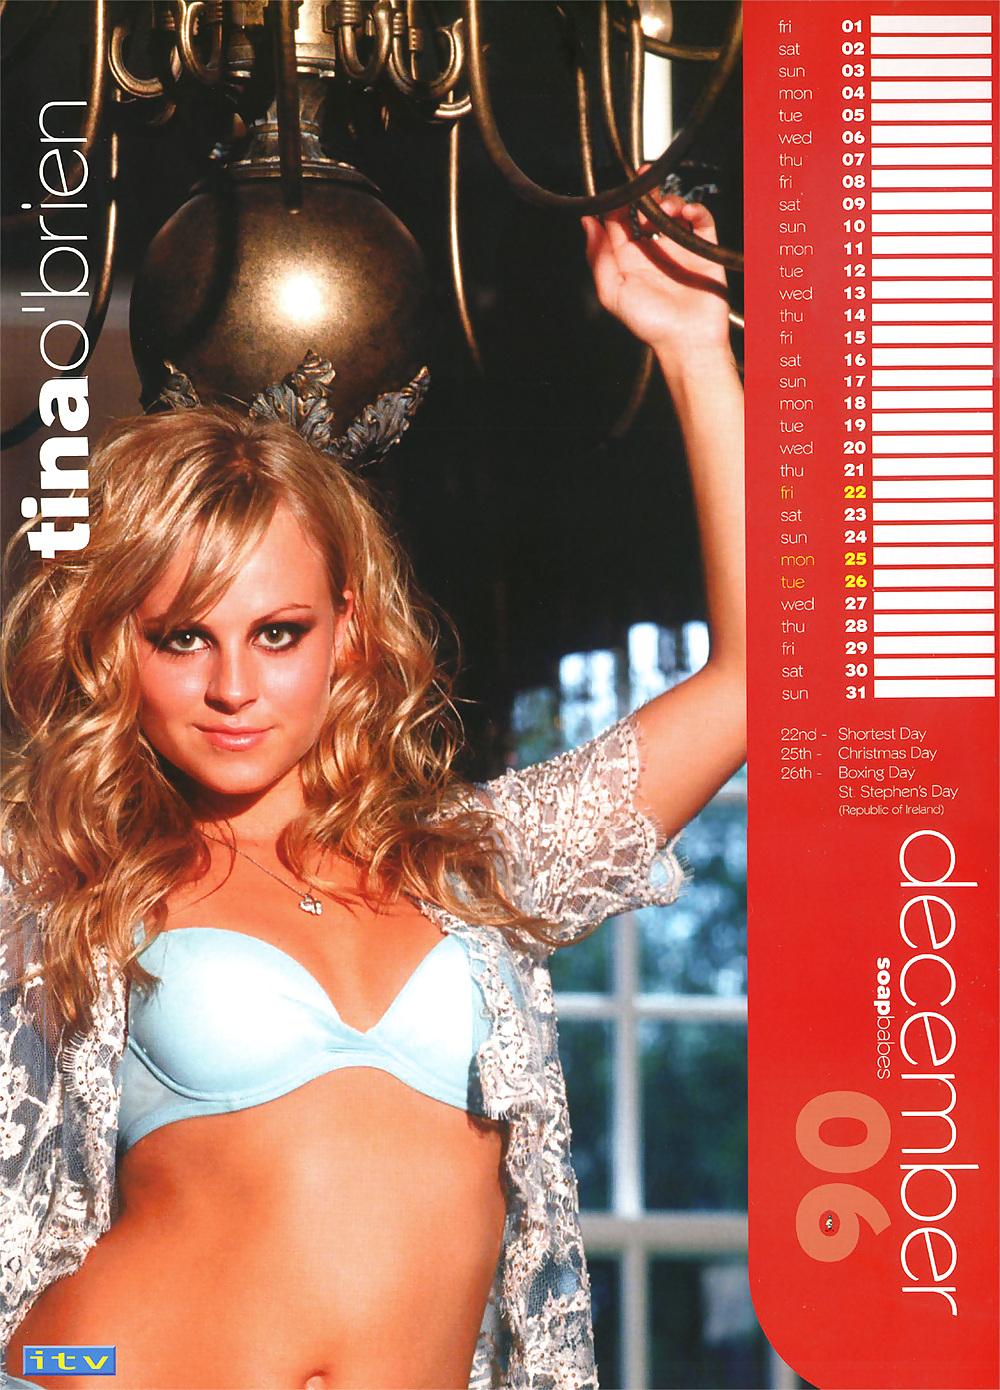 Delitto imperfetto 2006 full movie - 2 part 1